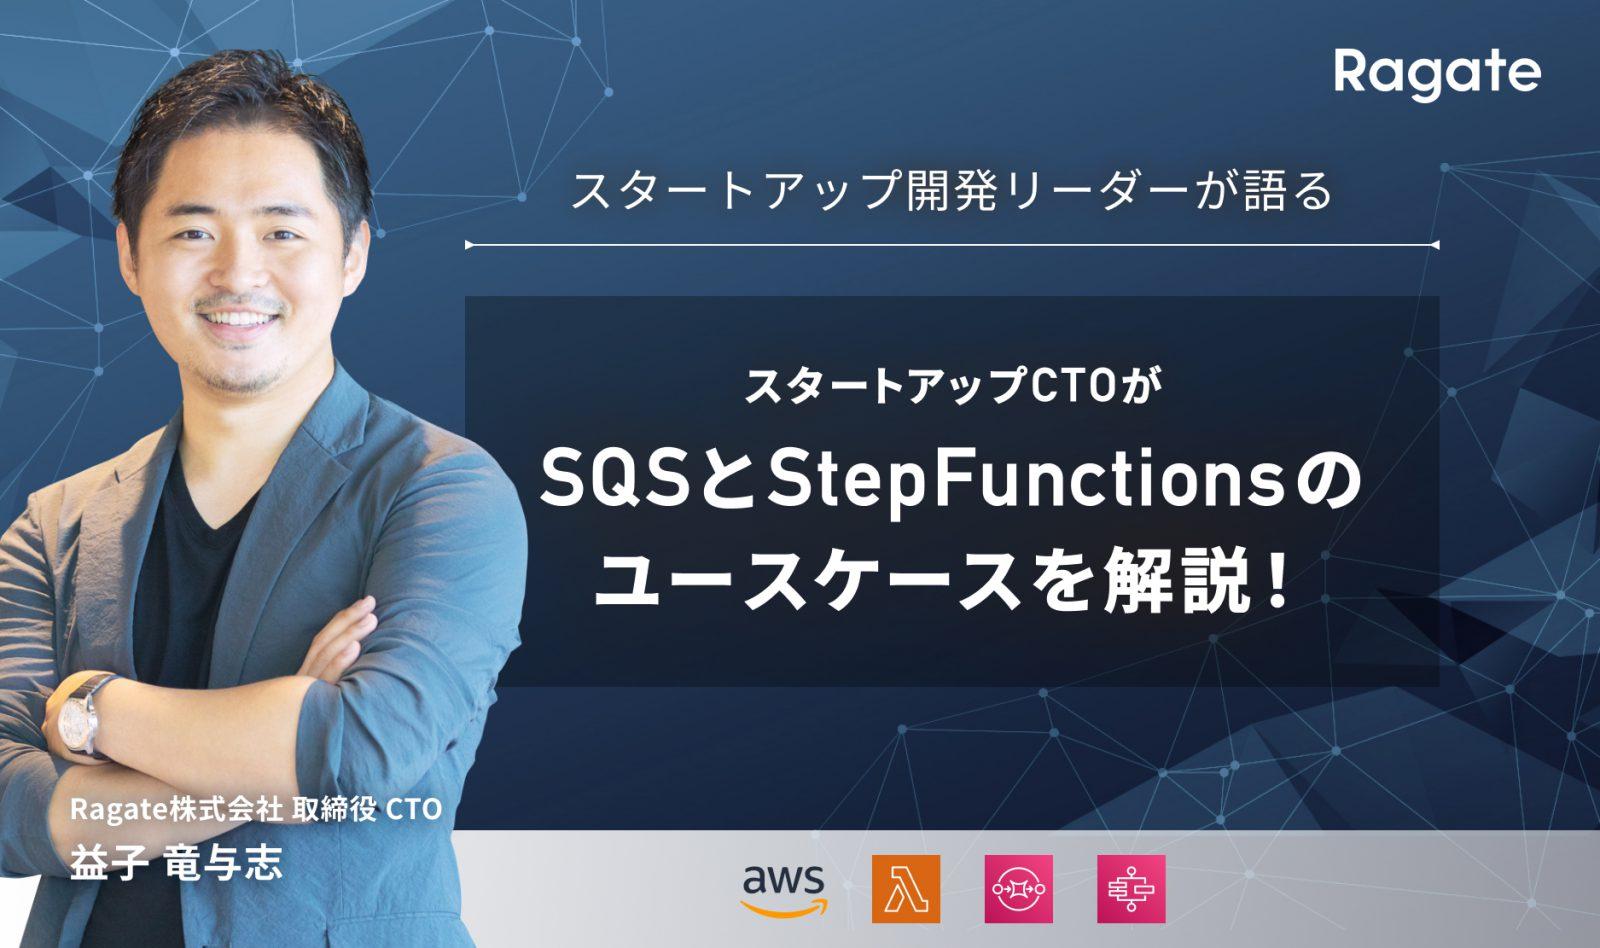 スタートアップCTOがSQSとStep Functionsのユースケースを解説!